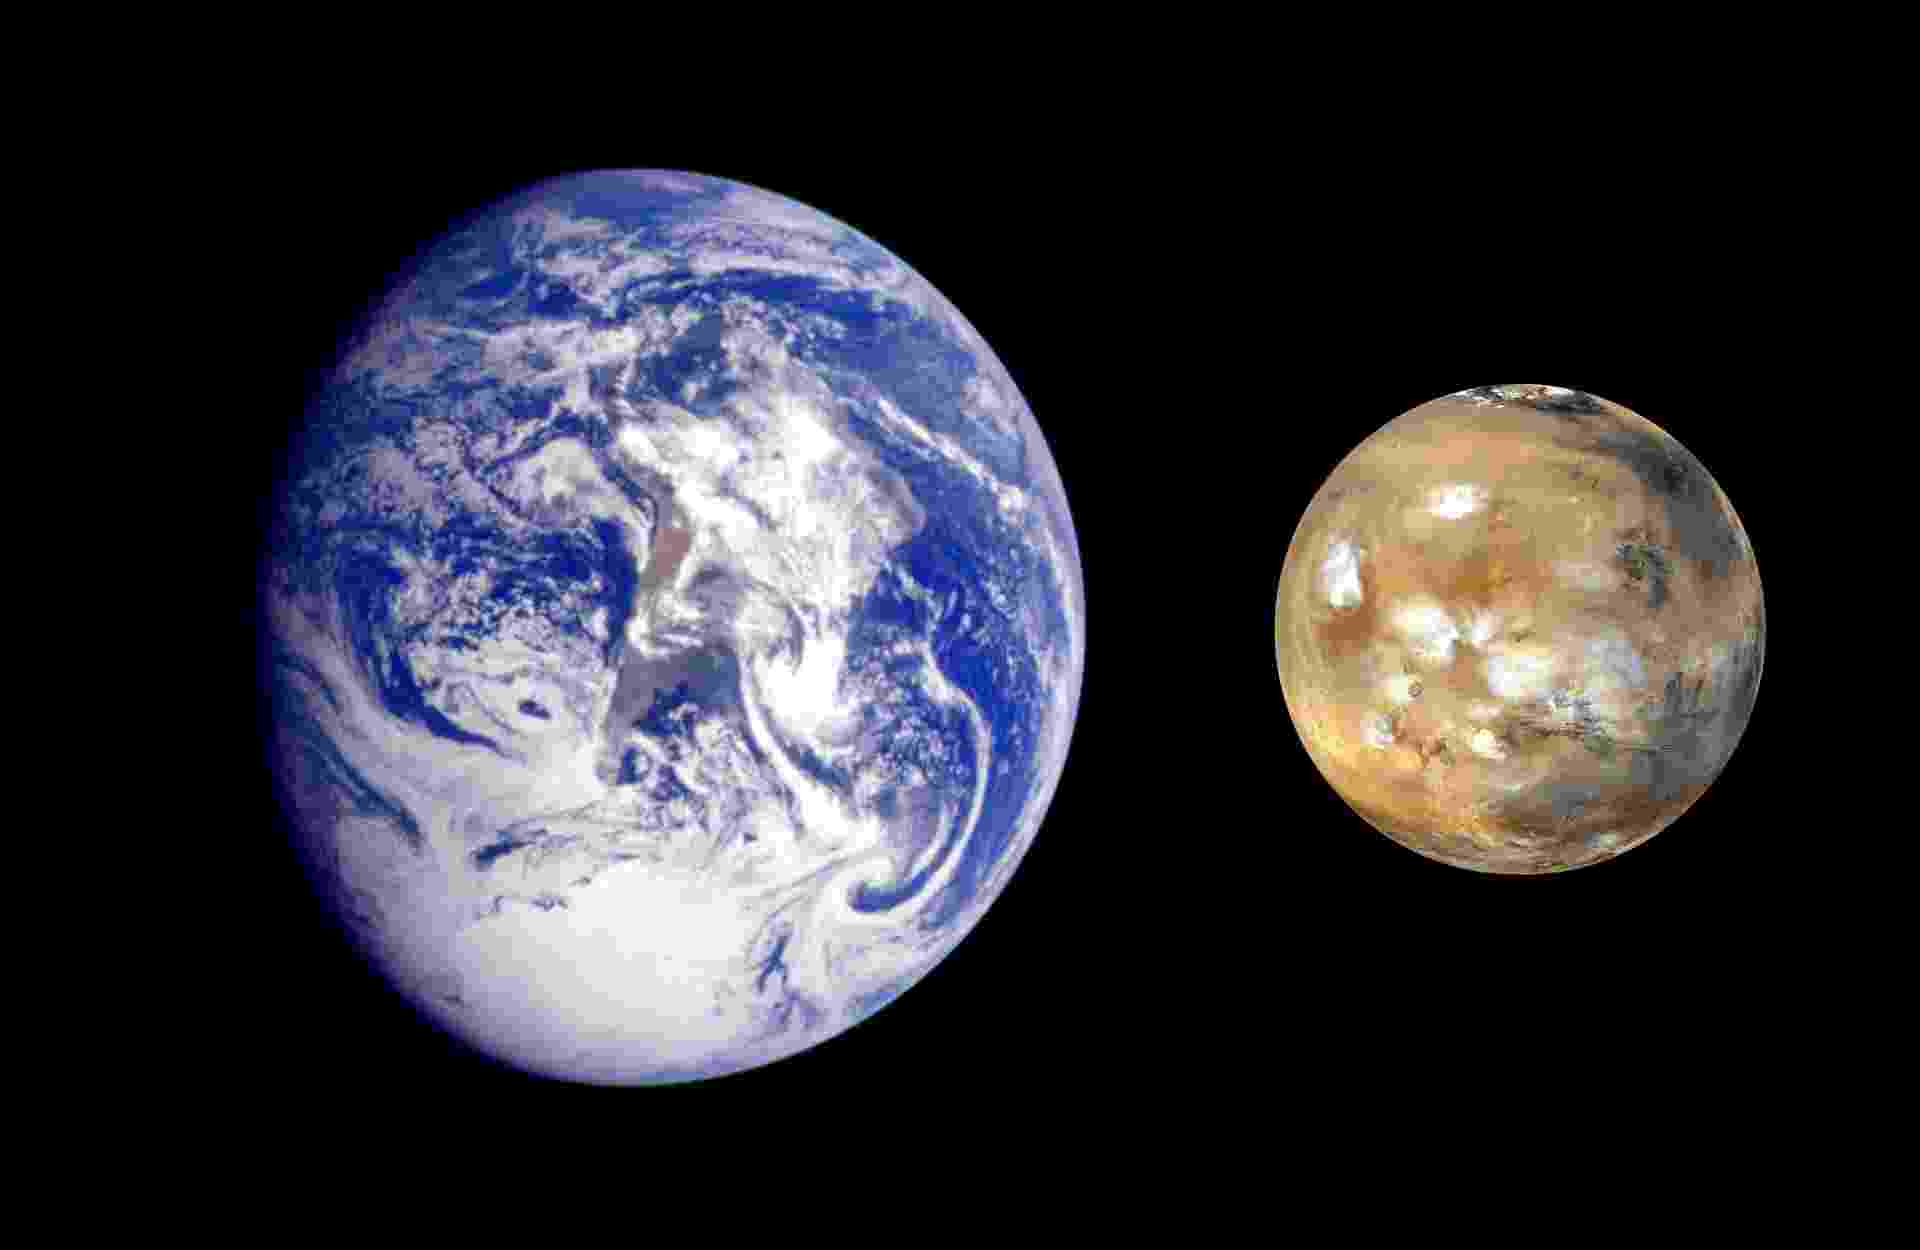 """29.ago.2013 - O químico Steven Benner, do Instituto de Ciência e Tecnologia de Westheimer (EUA), afirmou que a vida começou em Marte e só depois veio para a Terra por meio de meteoritos. A teoria foi apresentada nesta quarta-feira (28), durante palestra na Conferência de Goldschmidt, em Florença, na Itália. Para o cientista, o planeta vermelho foi o ambiente ideal para que minerais abundantes (como boro, molibdênio) reagissem para criar o RNA, que, no passado distante, tinha a """"função"""" que hoje é do DNA, de guardar o material genético. Sendo assim, para Benner, todos nós somos marcianos - Nasa/JPL"""